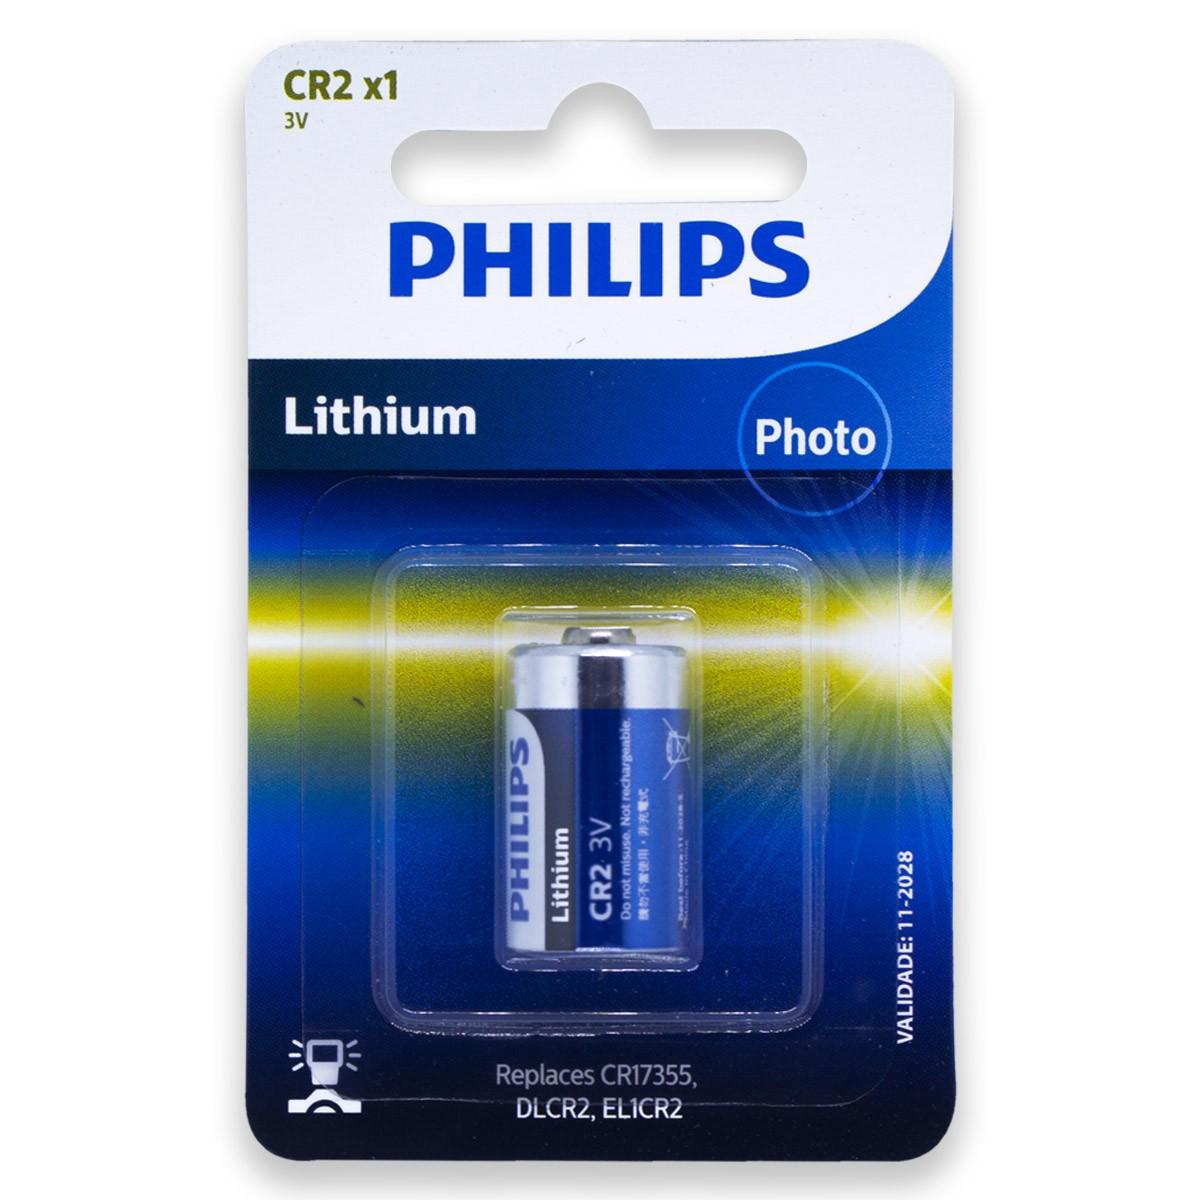 04 Pilhas PHILIPS CR2 3V Bateria 4 cartelas